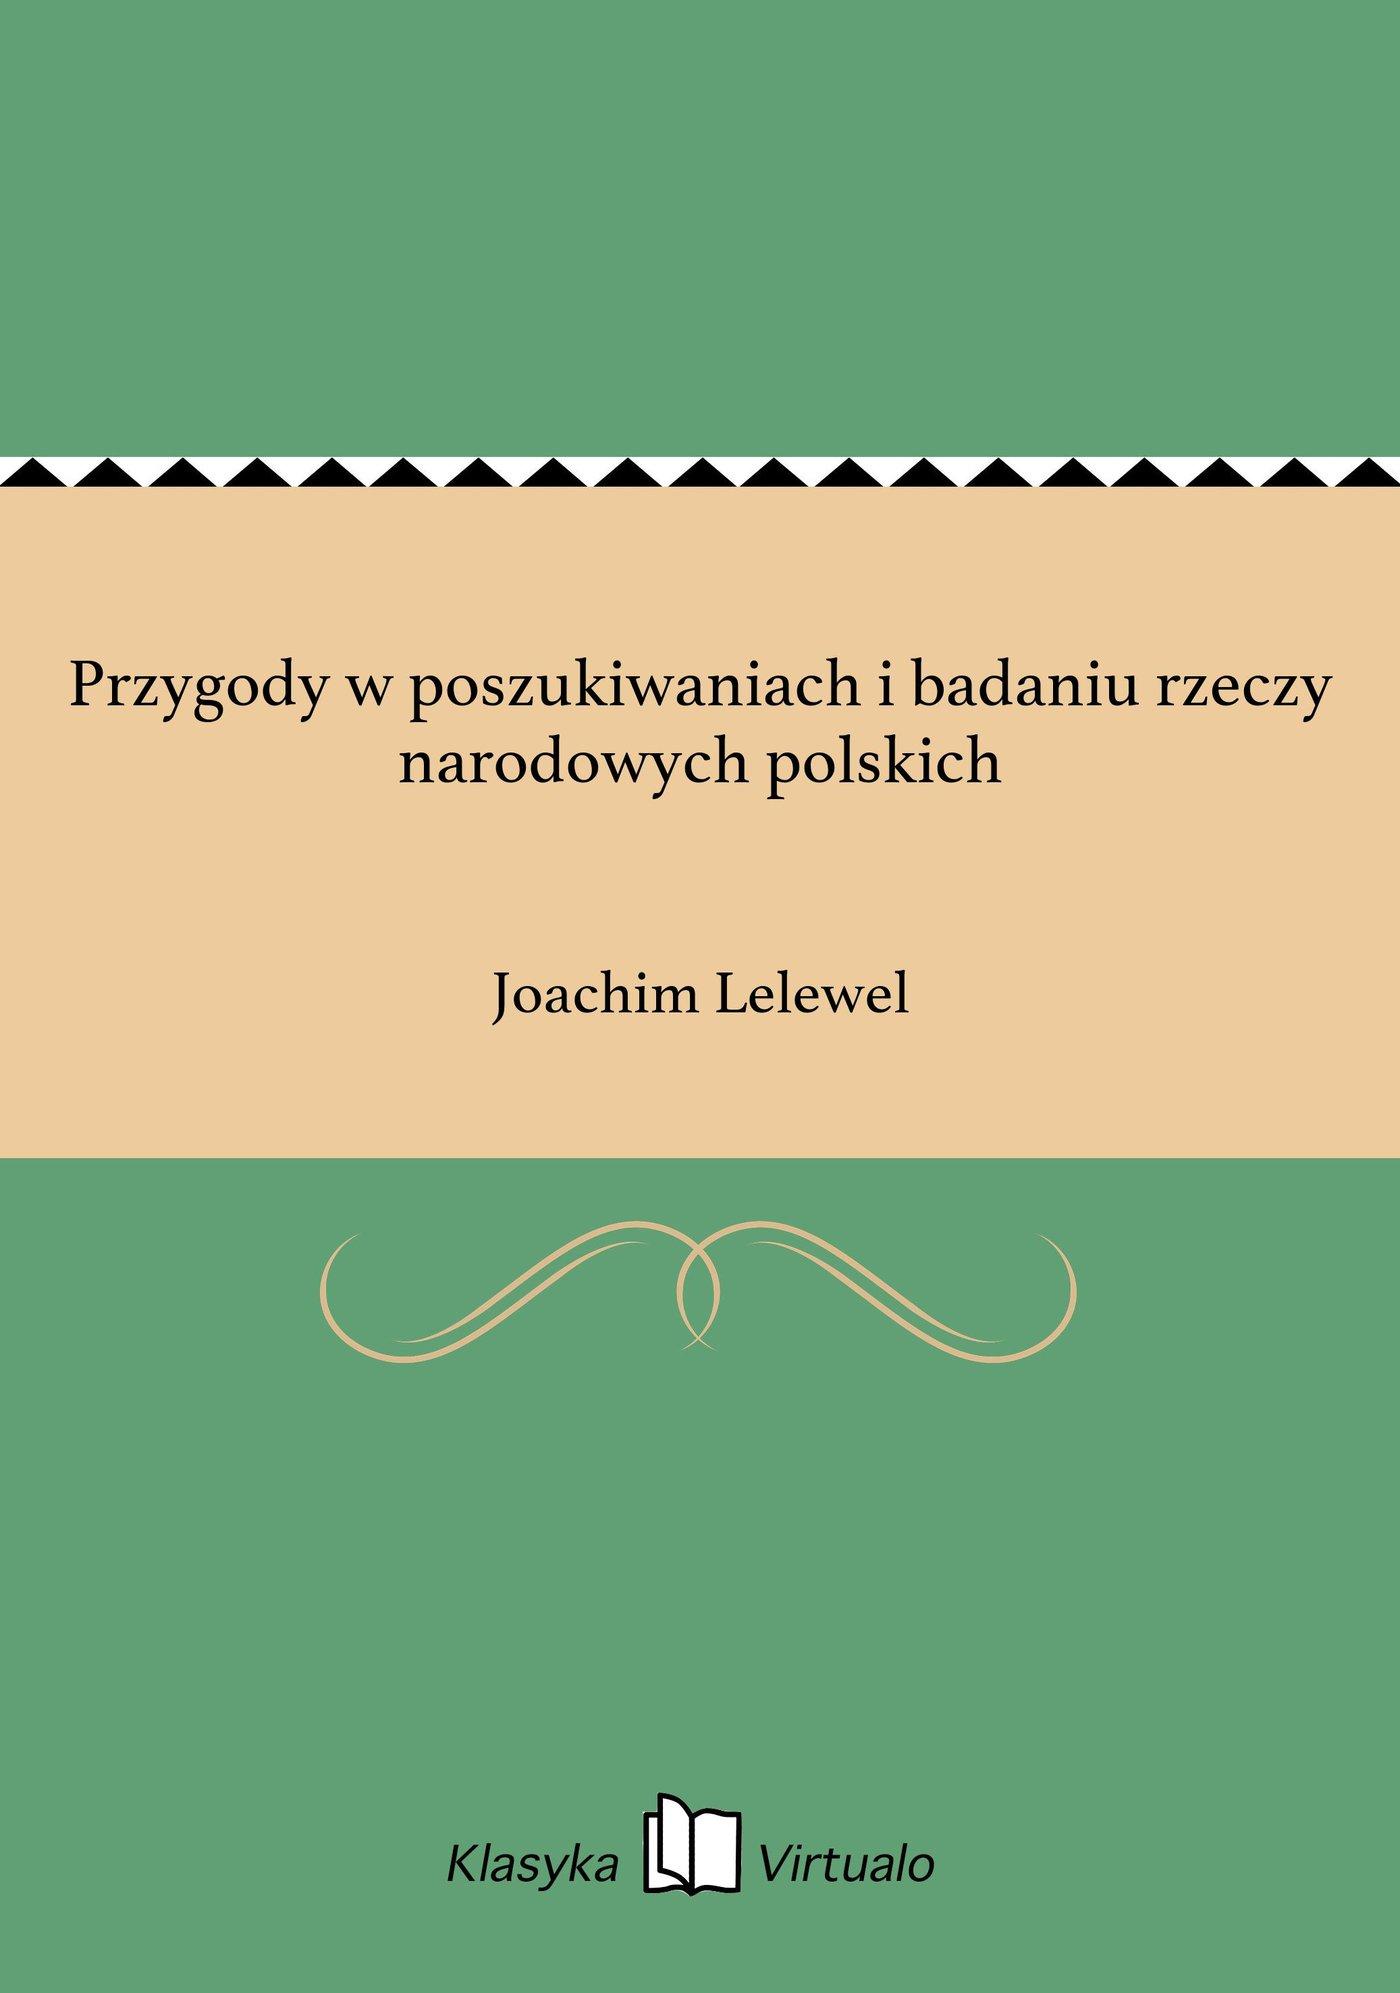 Przygody w poszukiwaniach i badaniu rzeczy narodowych polskich - Ebook (Książka EPUB) do pobrania w formacie EPUB